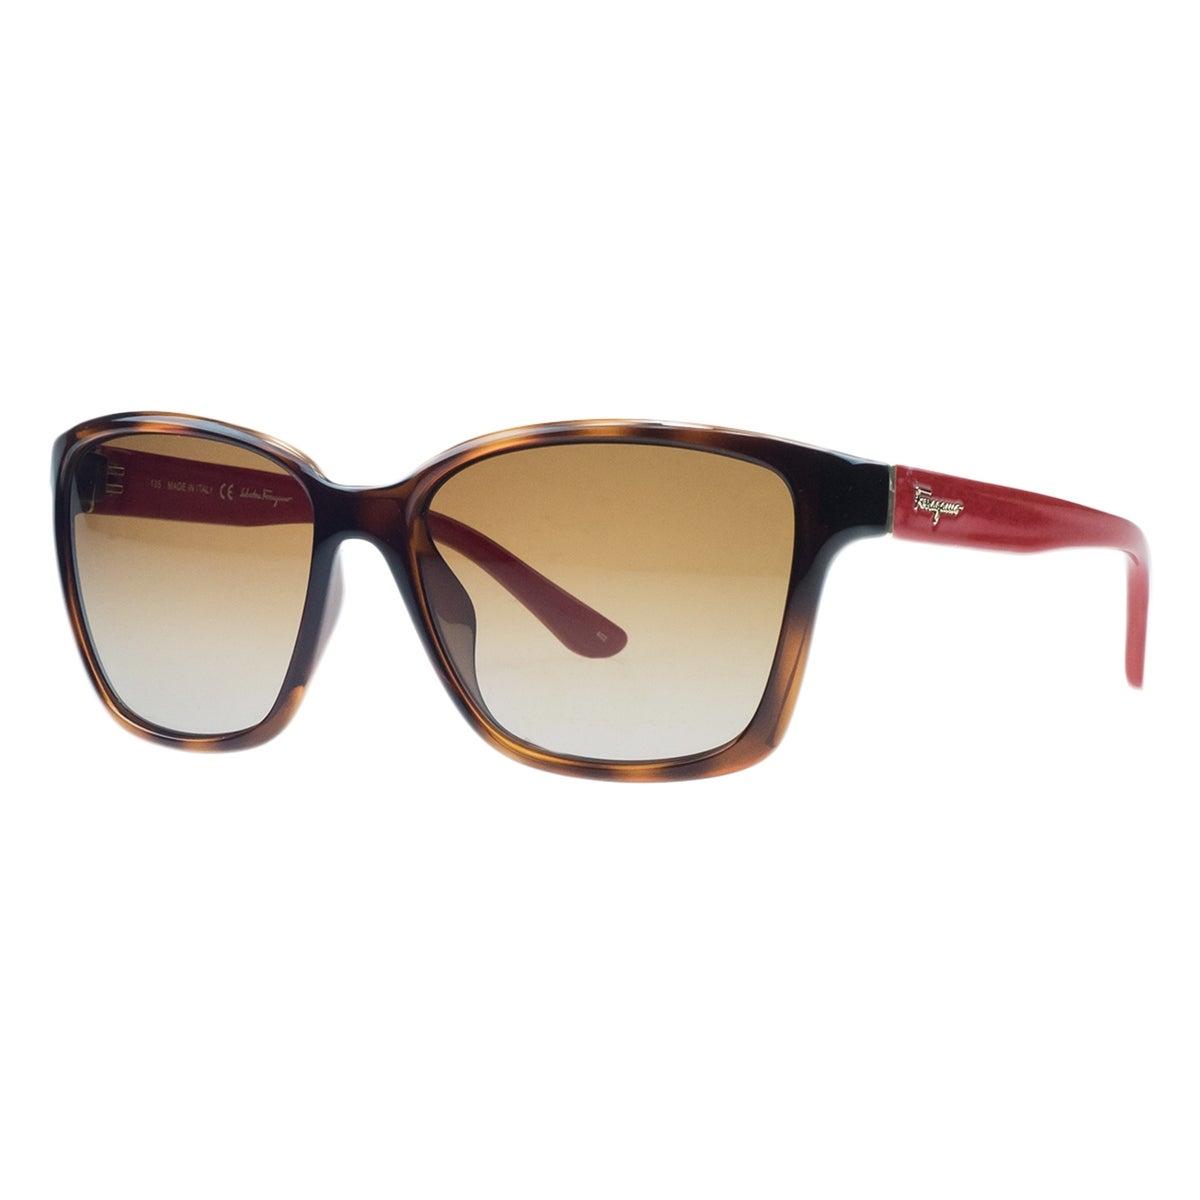 285a401e825 Salvatore Ferragamo Designer Sunglasses